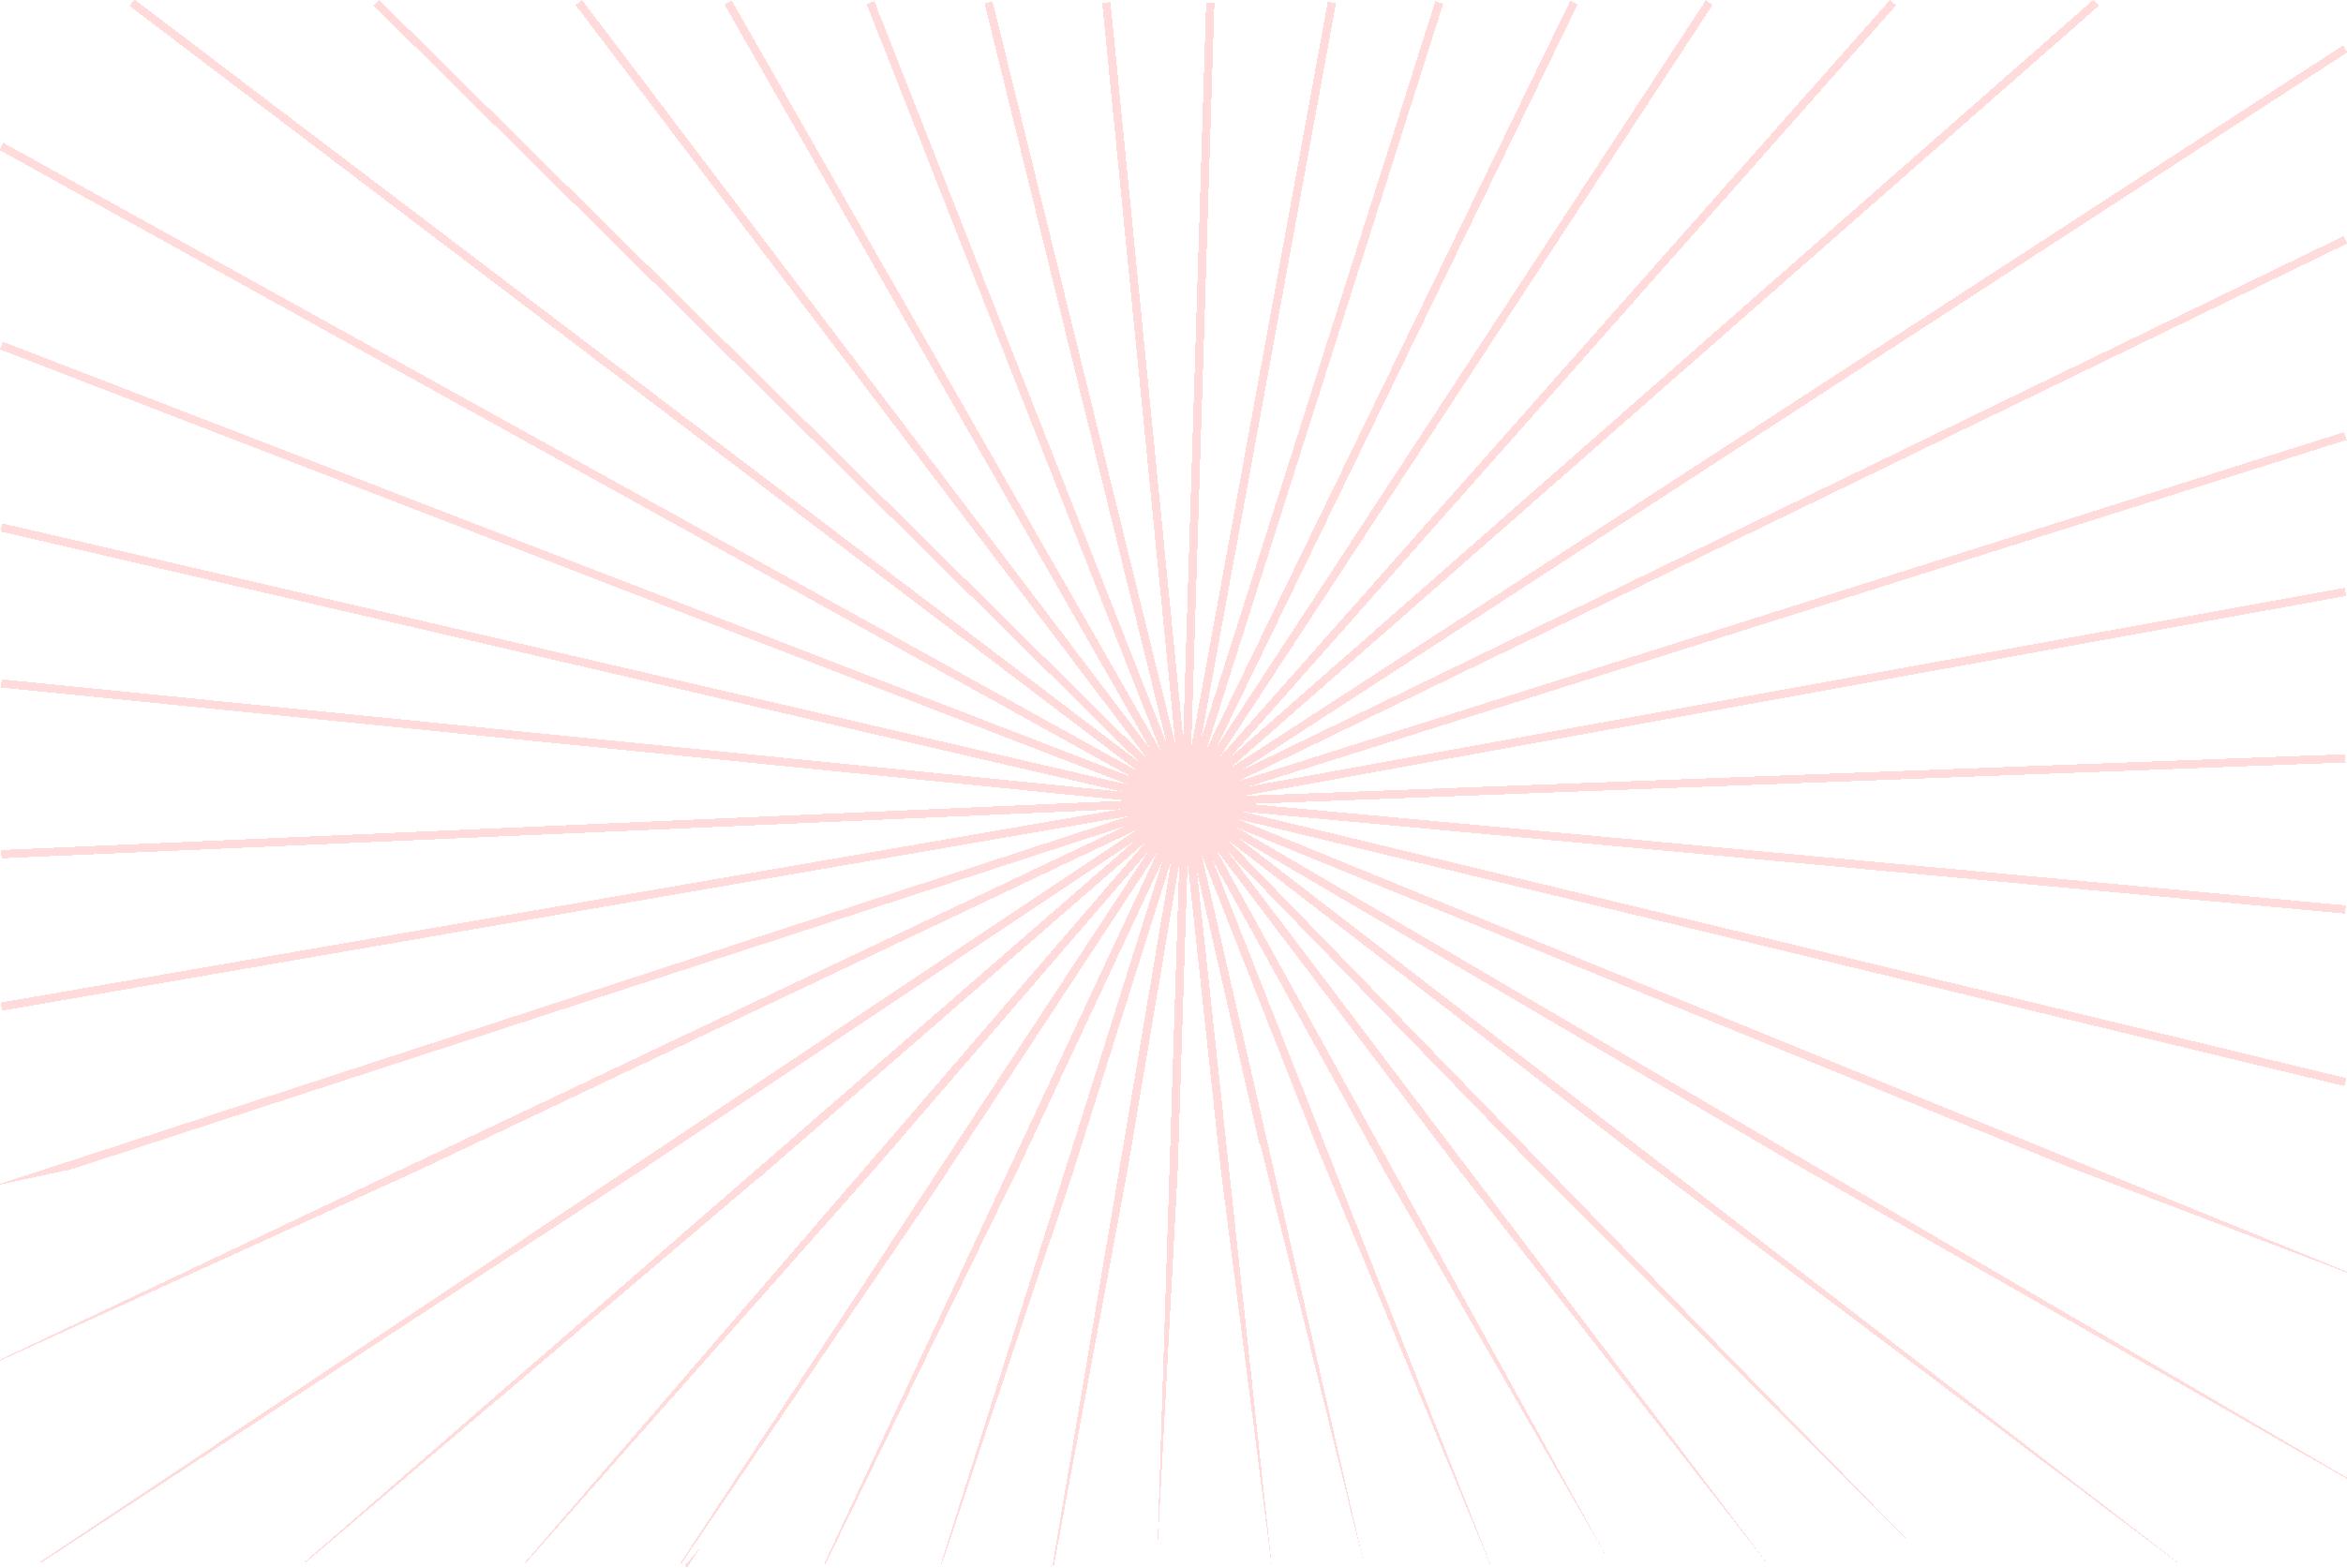 Righe-Conc_Estesa_1800x1200_Web